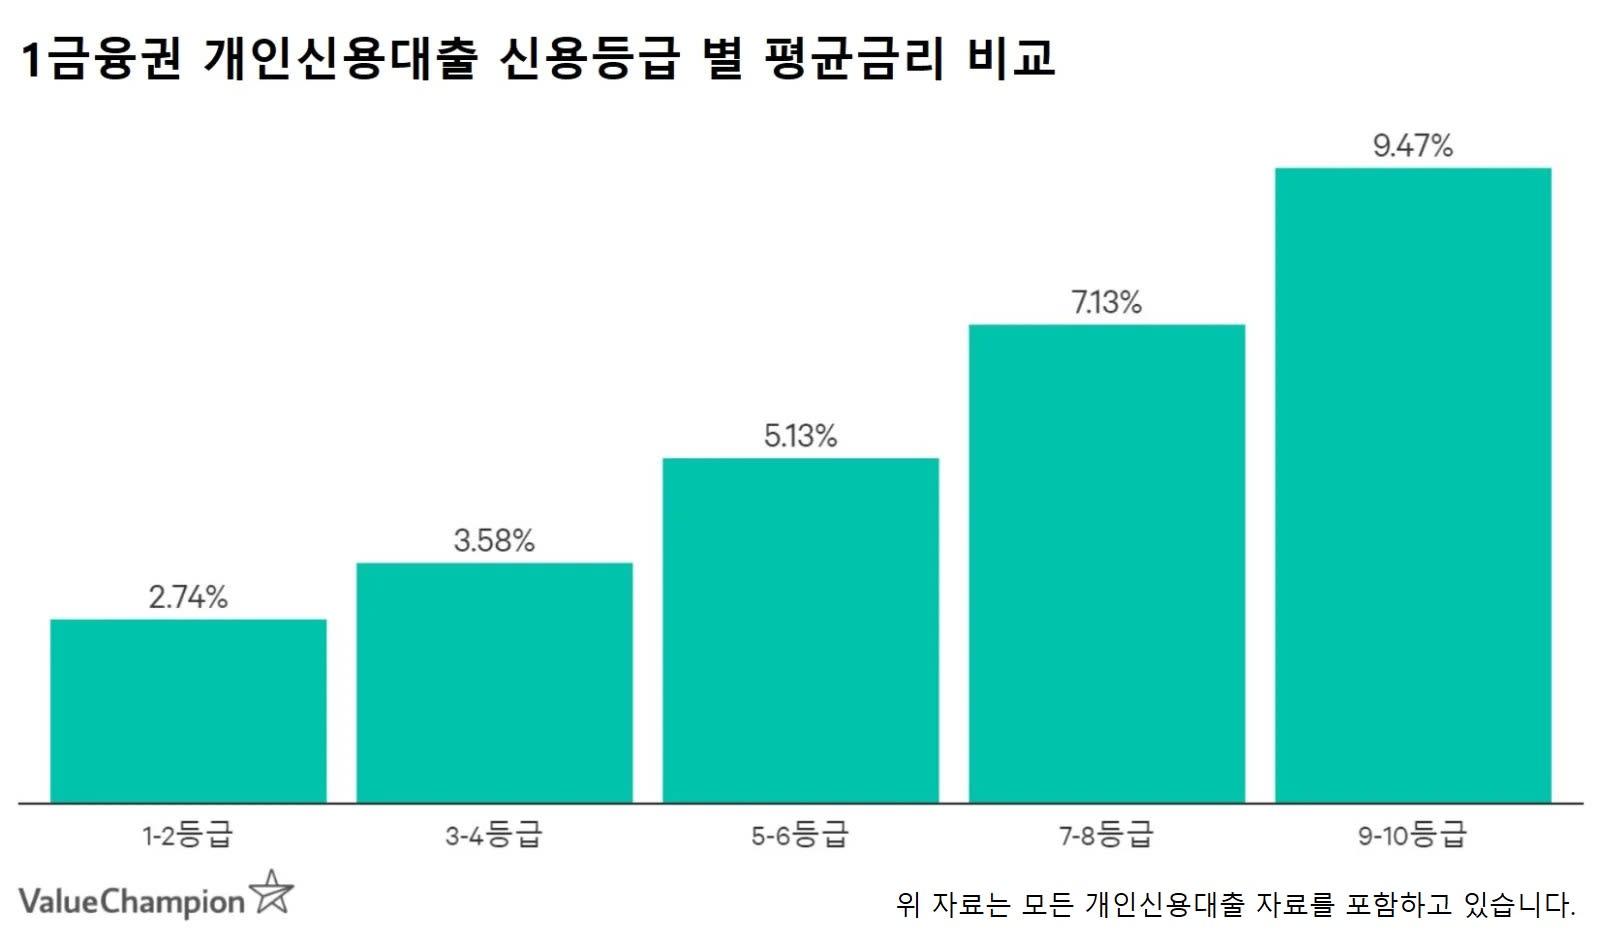 1금융권 개인신용대출 신용등급 별 평균금리 비교